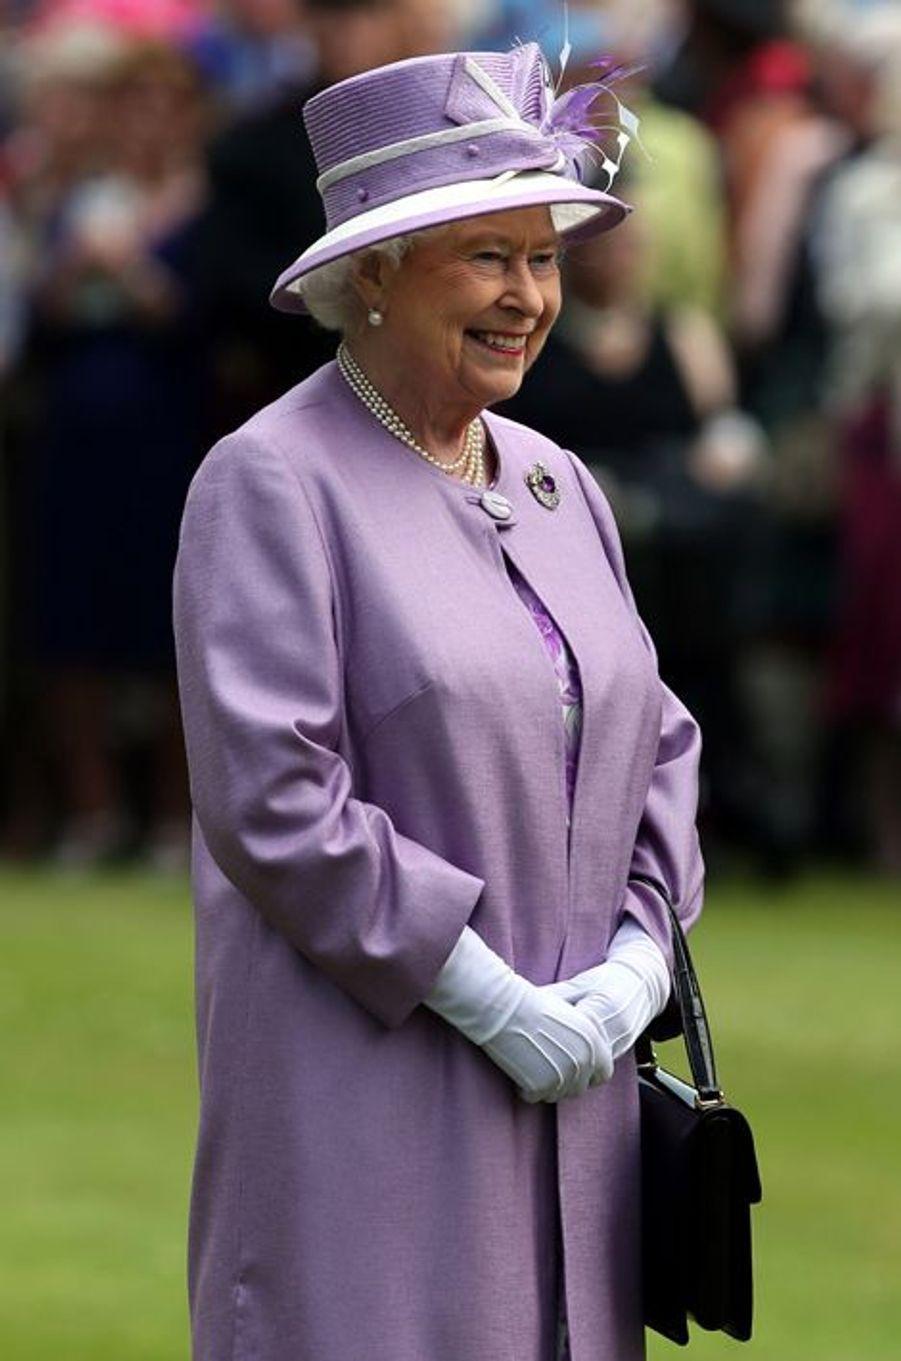 La reine Elizabeth II au palais de Holyrood à Edimbourg, le 1er juillet 2015